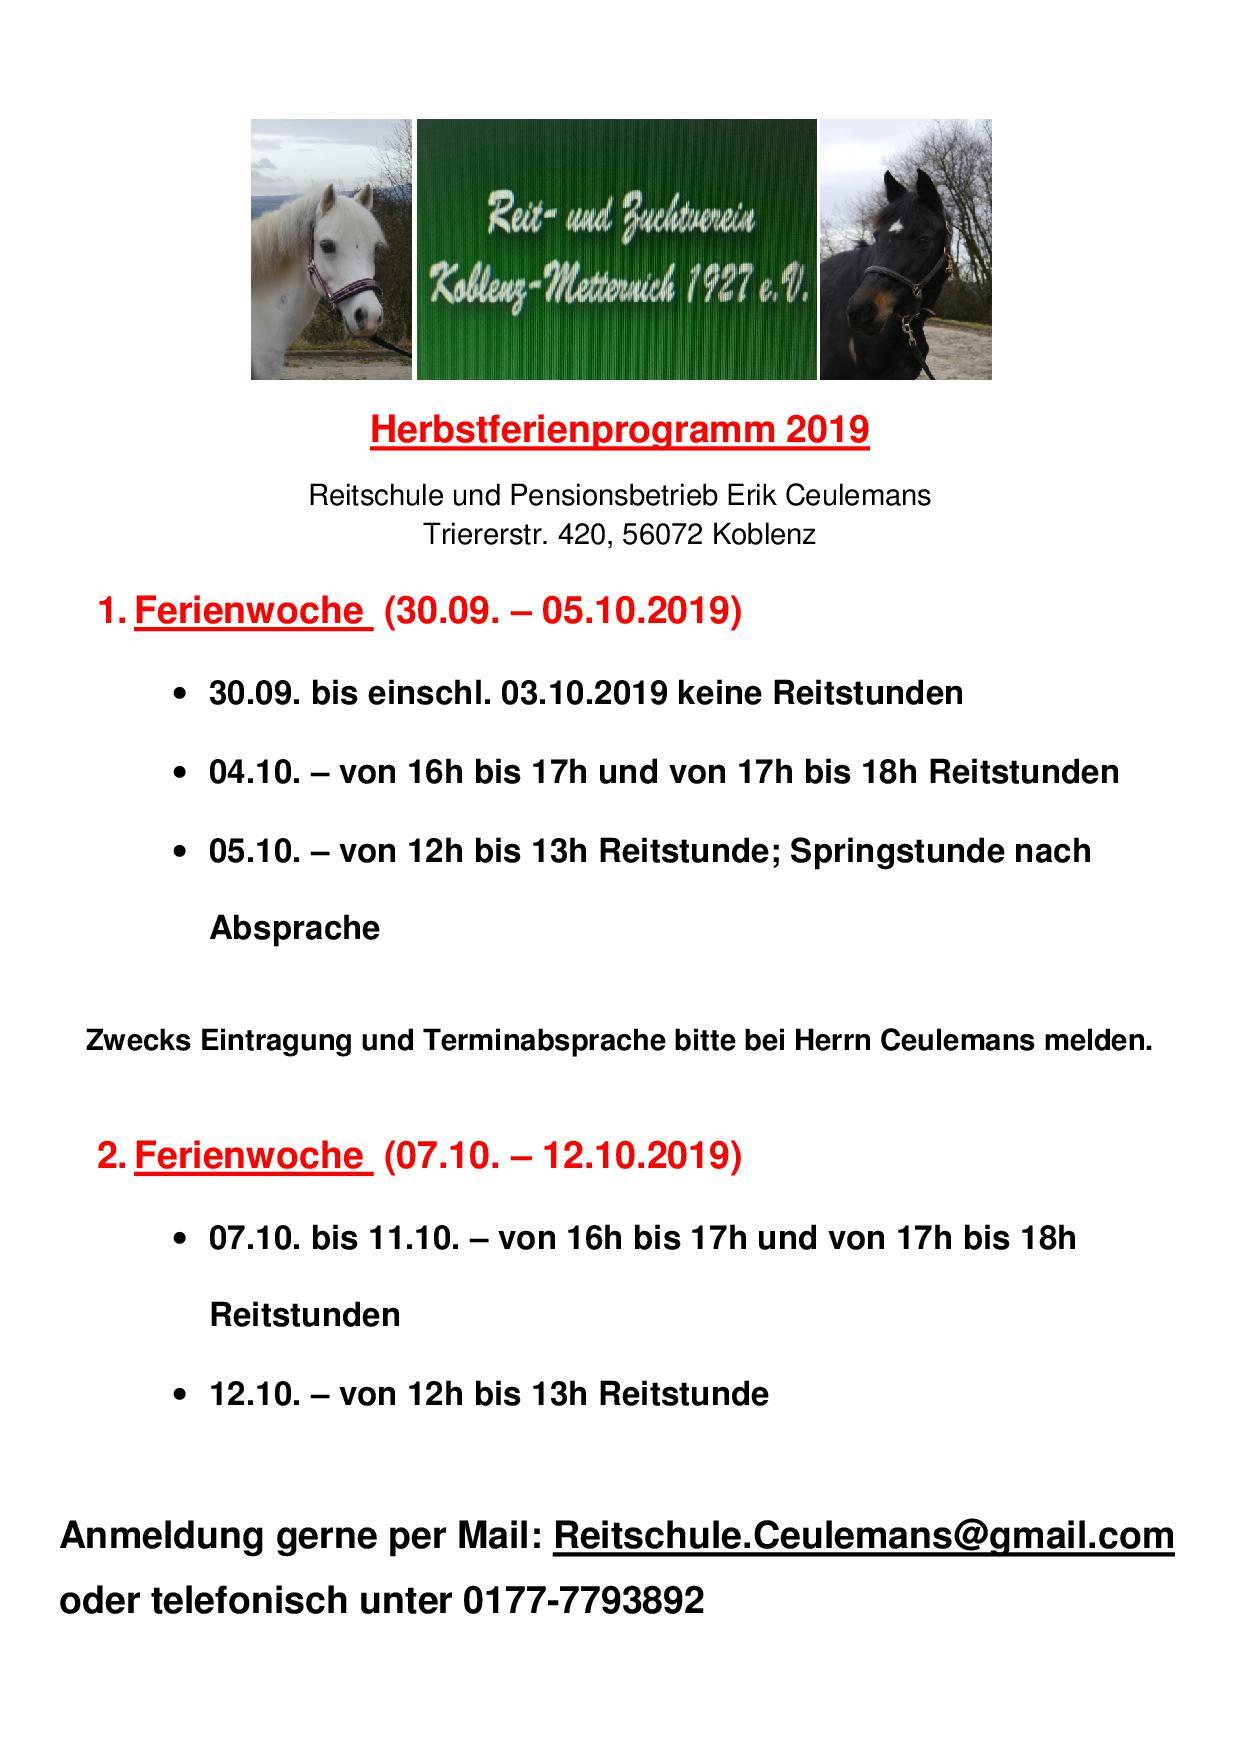 Herbstferienprogramm der Reitschule Erik Ceulemans